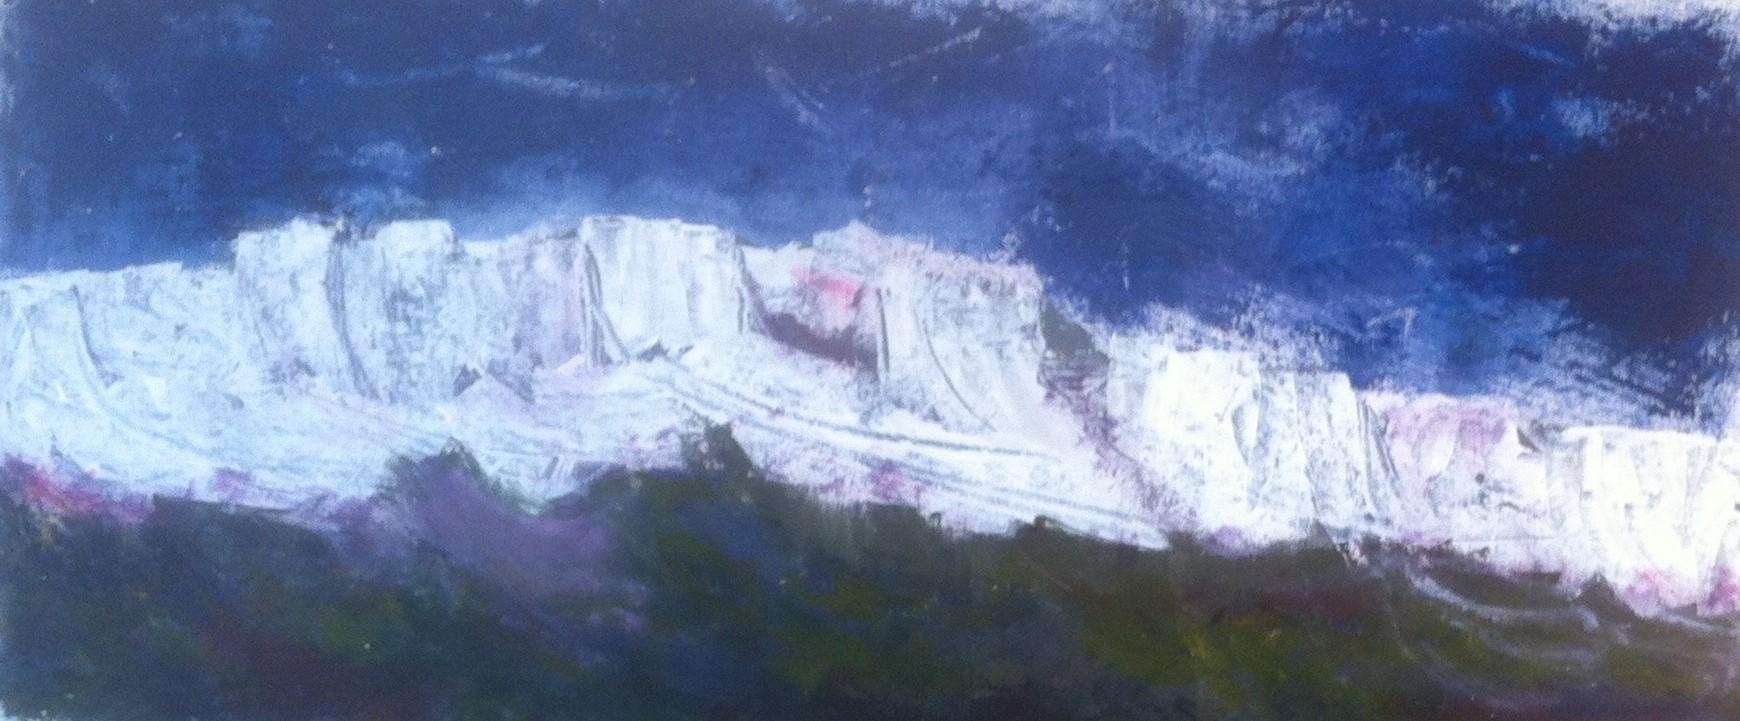 N° 1582 - Au pied des Baux - Acrylique sur toile - 91 x 96 cm - 26 septembre 2014